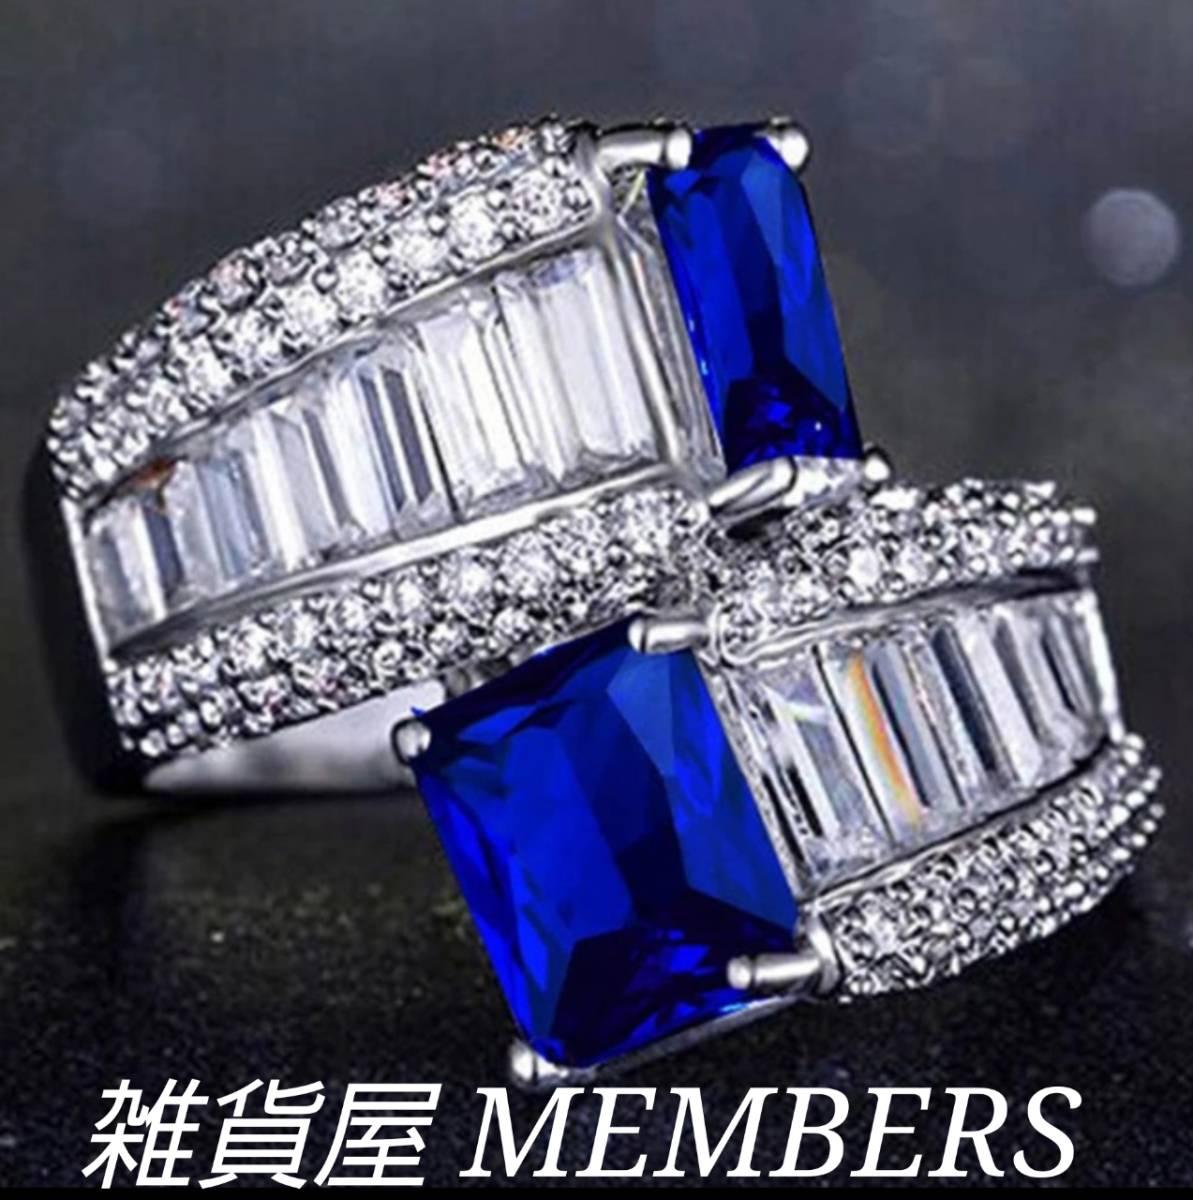 送料無料12号クロムシルバーブルーサファイアクリアスーパーCZダイヤモンドデザイナーズジュエリーインフィニティリング指輪値下残りわずか_画像1